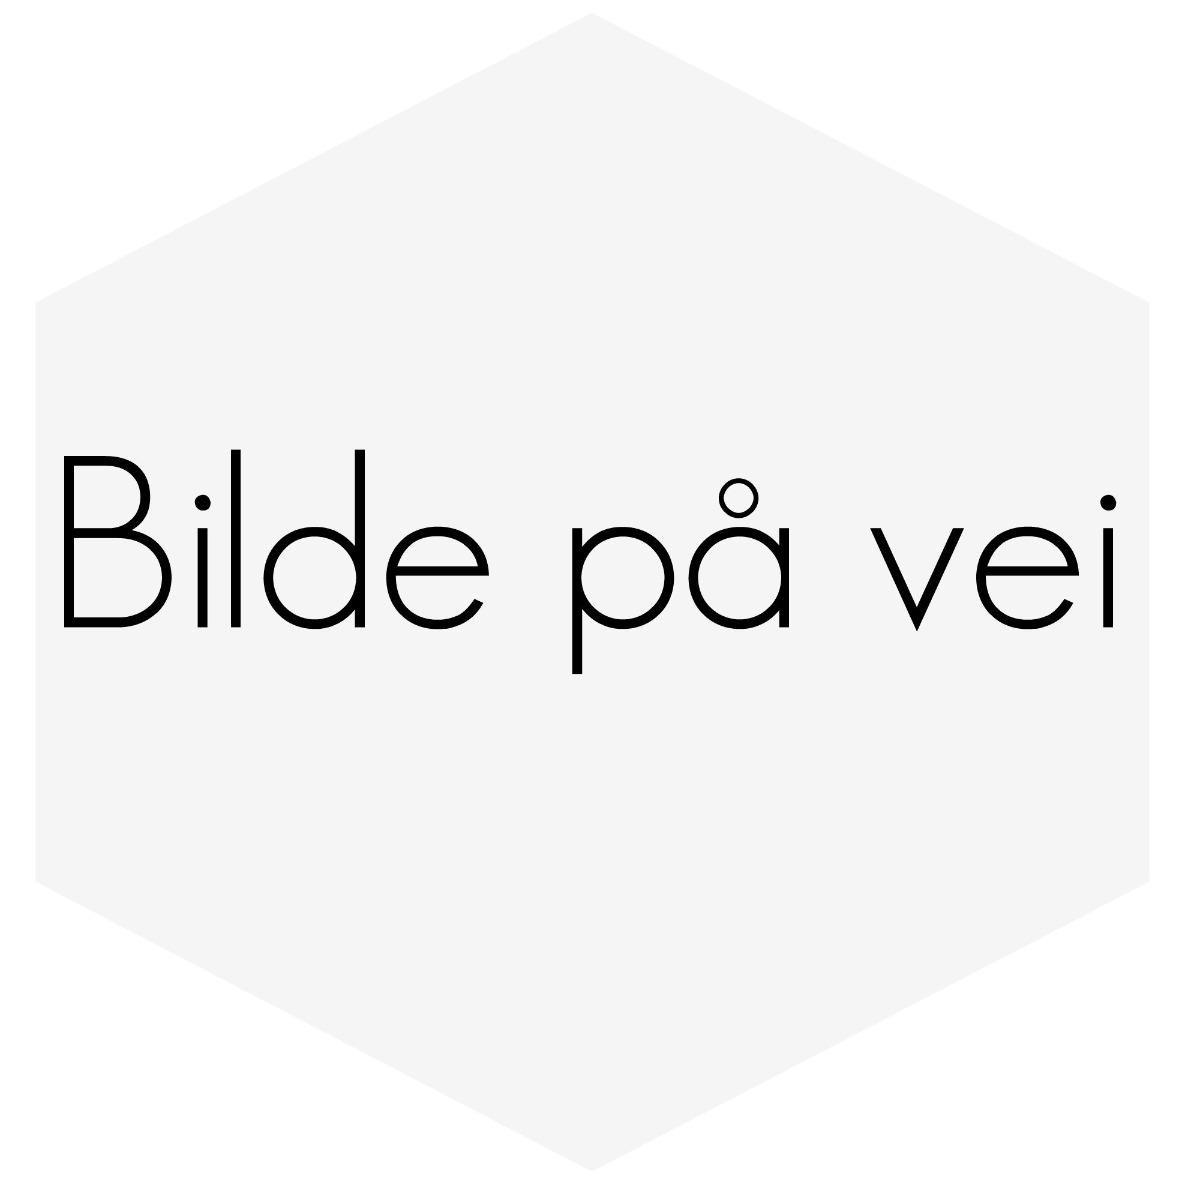 FESTEPLATE SPARCO FIA GODKJENT TIL ØYEKROKER